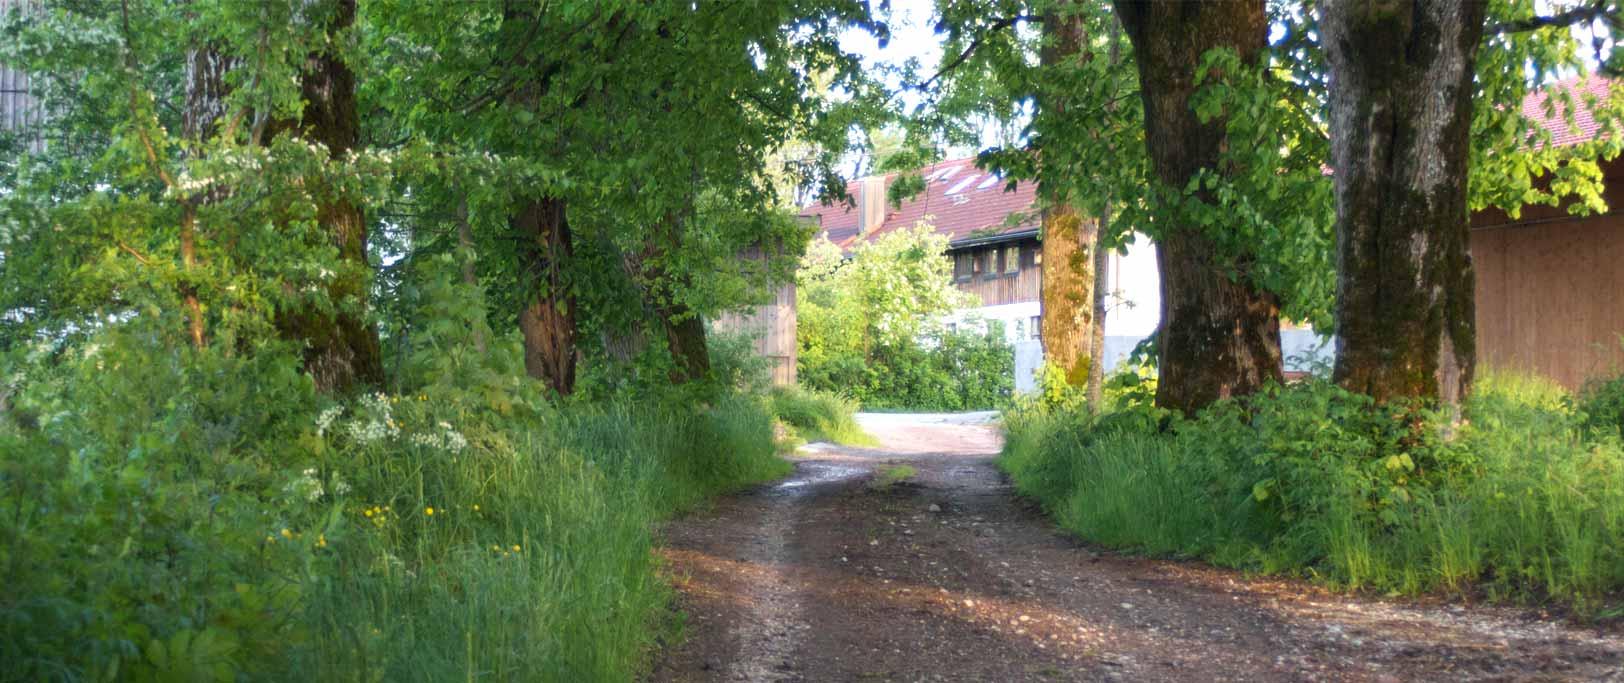 Hofladen Mooseurach Boschhof